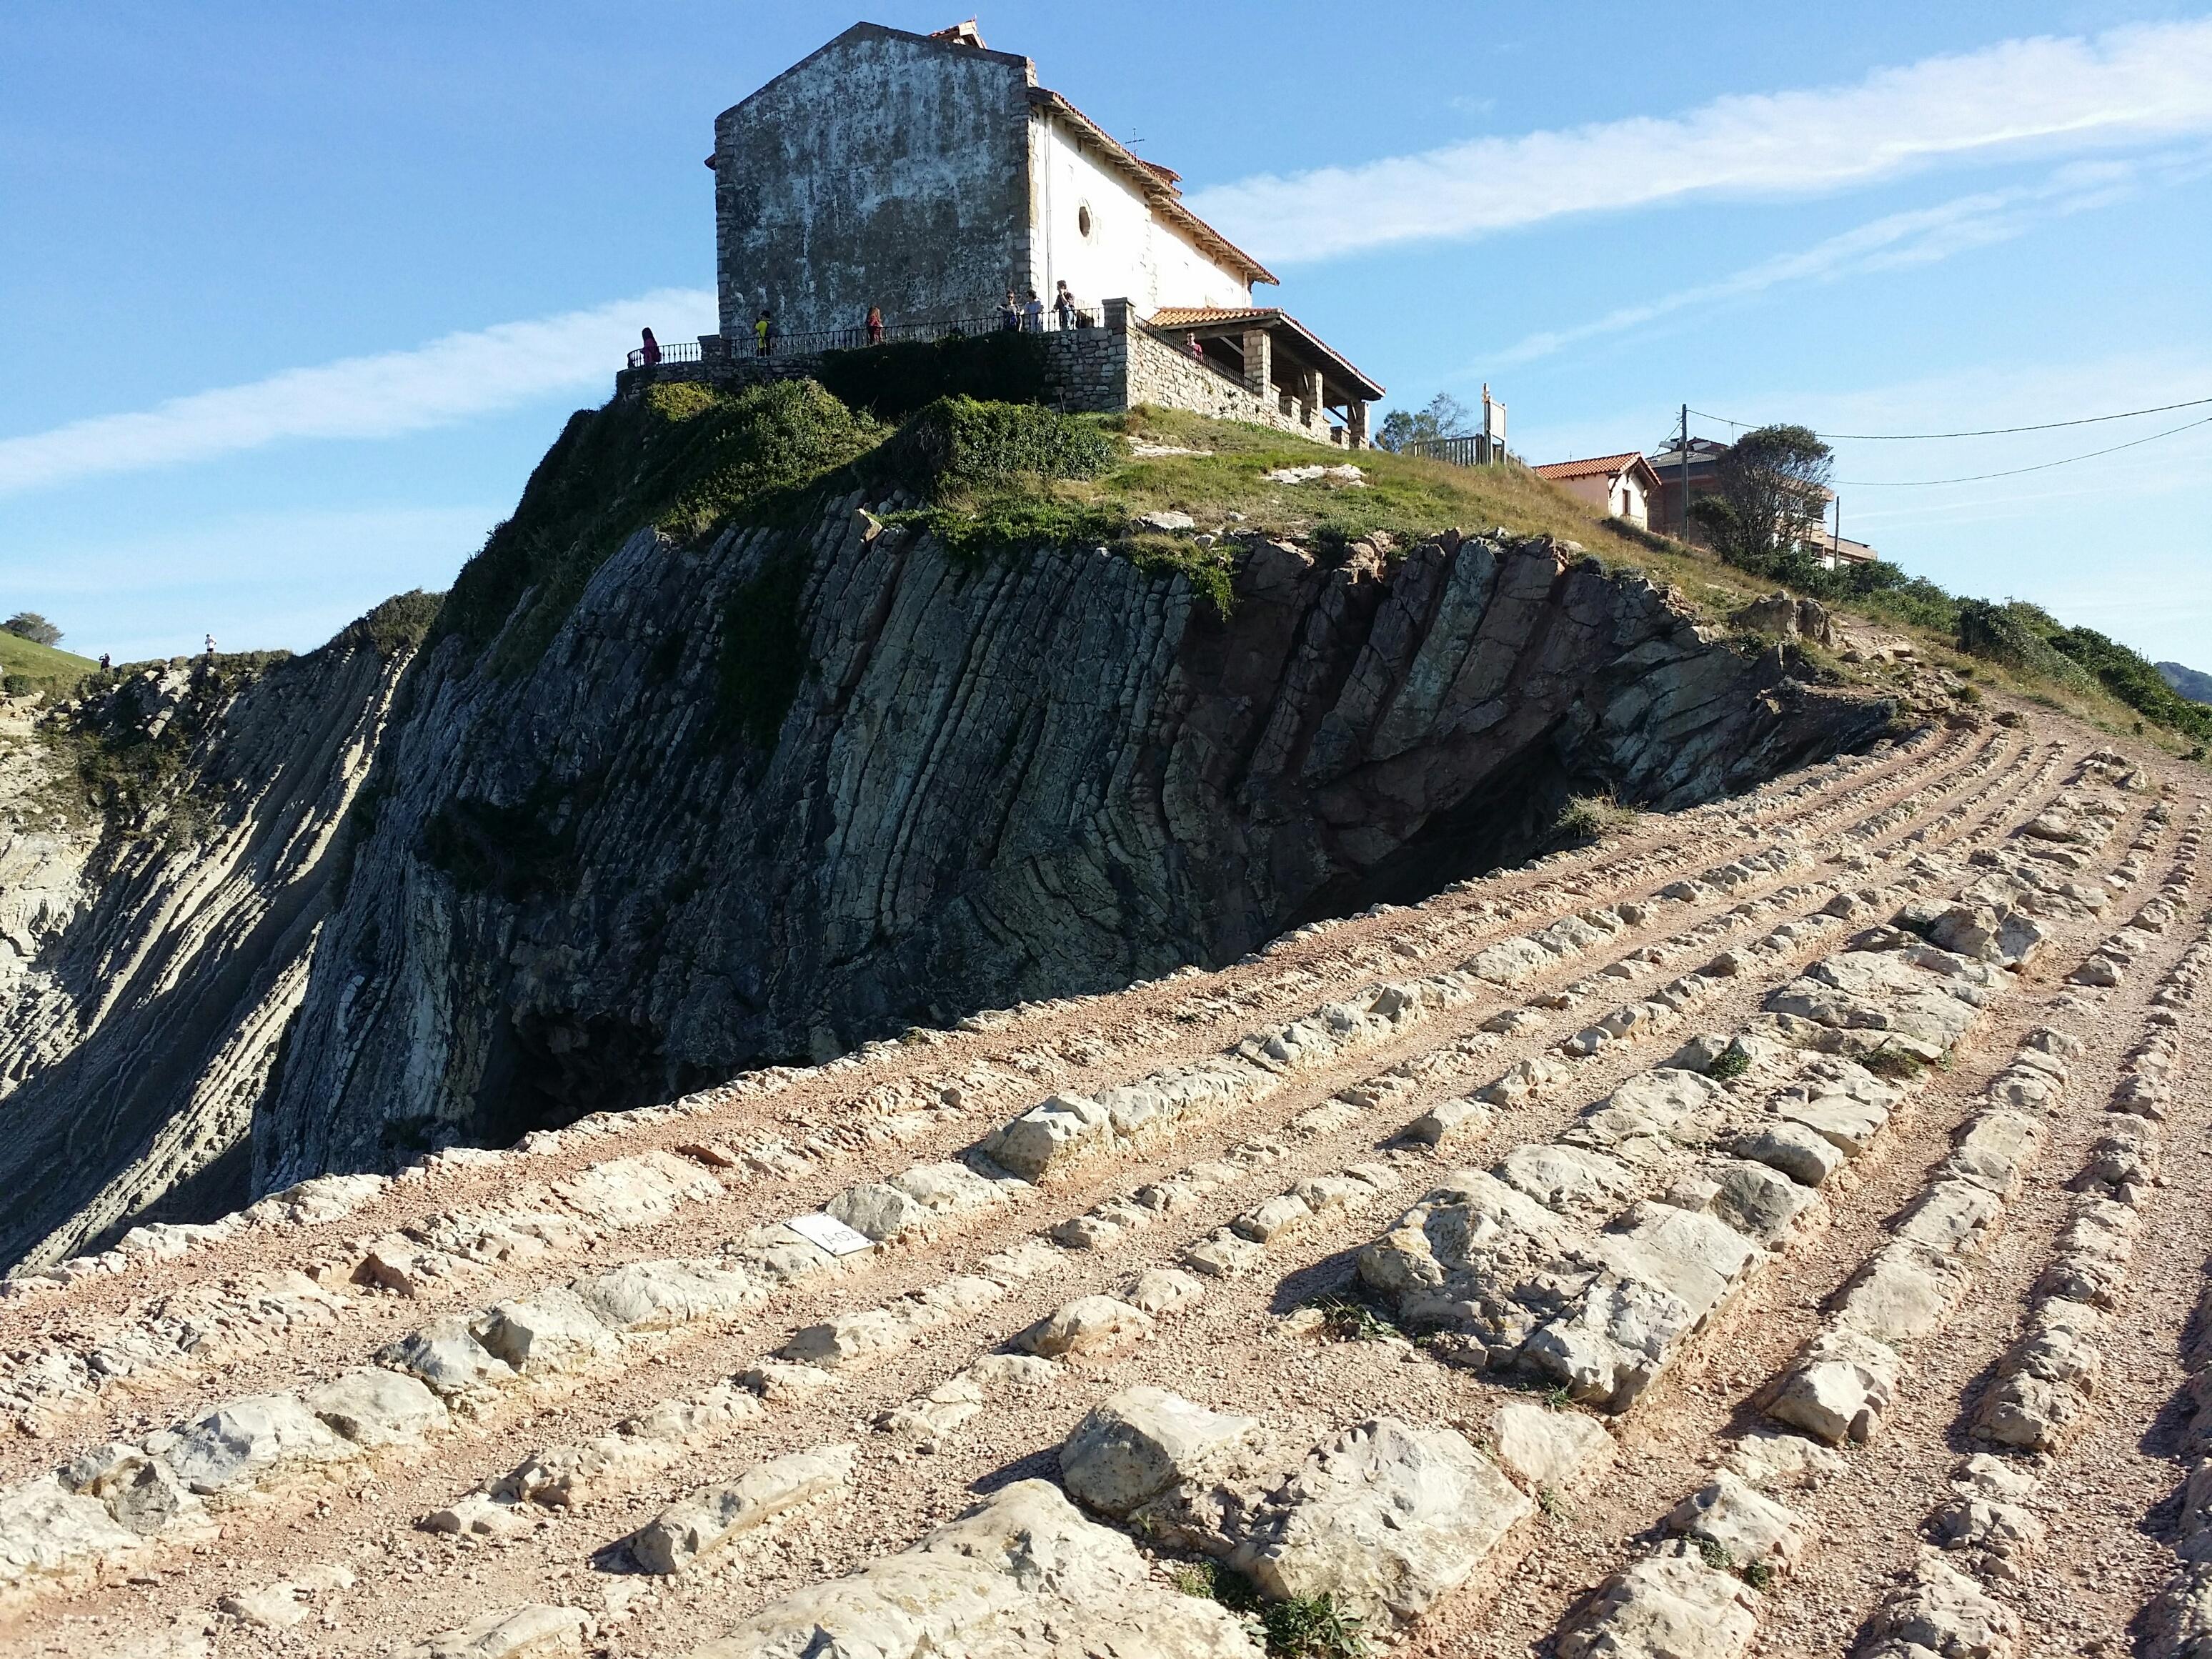 Los 20 Sitios Más Bonitos Del País Vasco